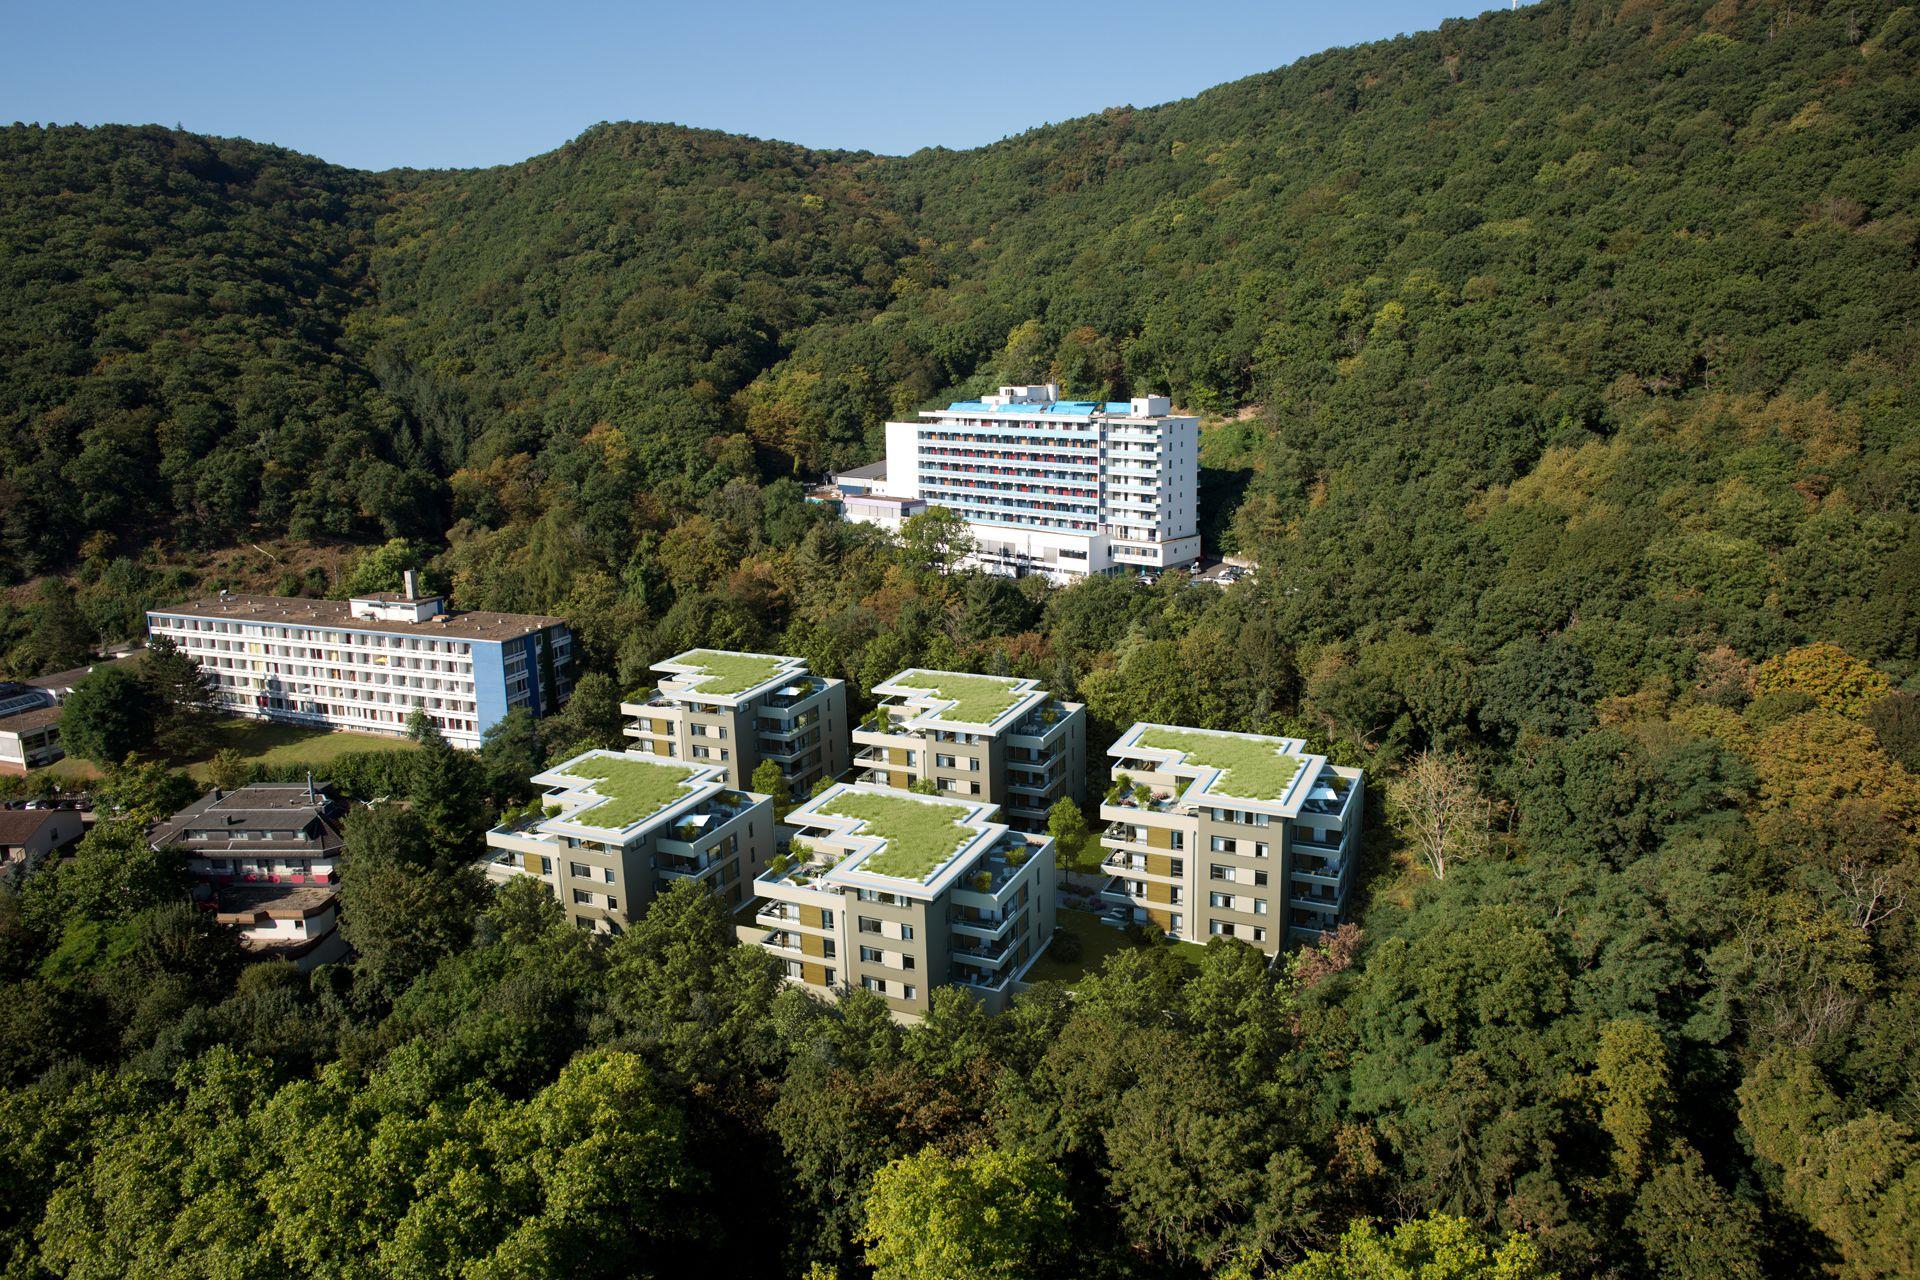 Architekturvisualisierung Salinenpark Bad Kreuznach